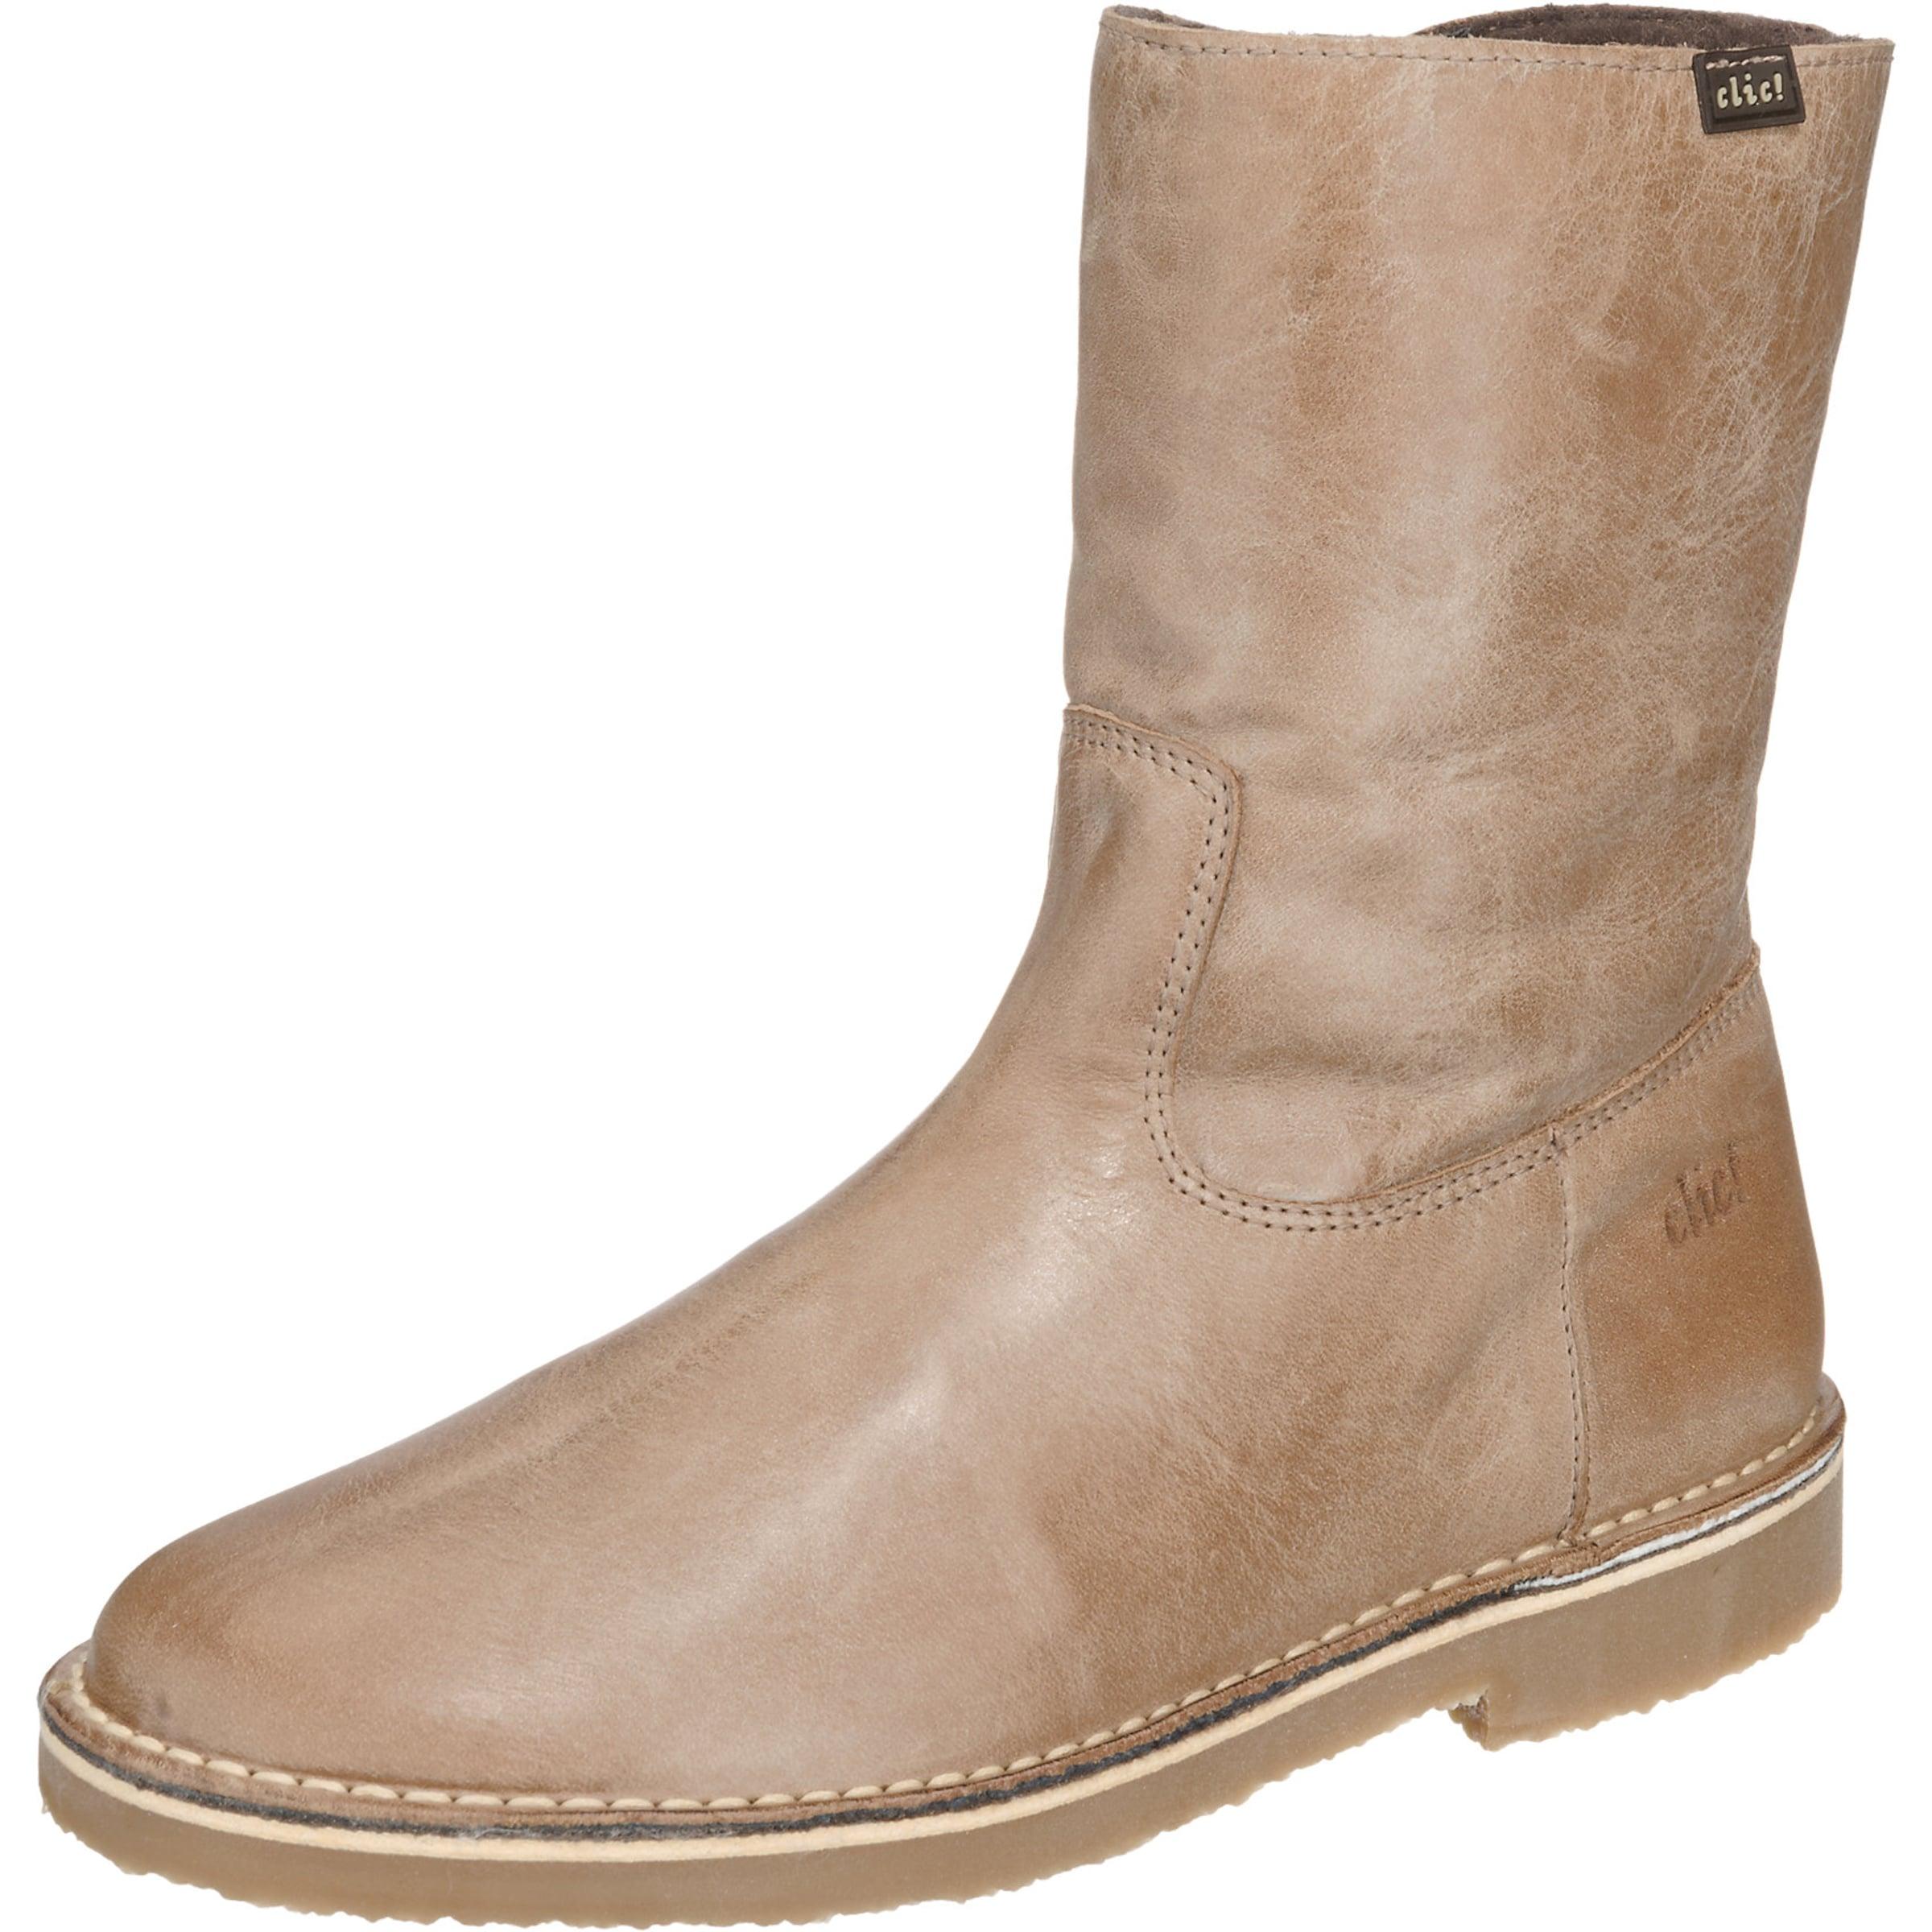 clic Stiefel Günstige und langlebige Schuhe